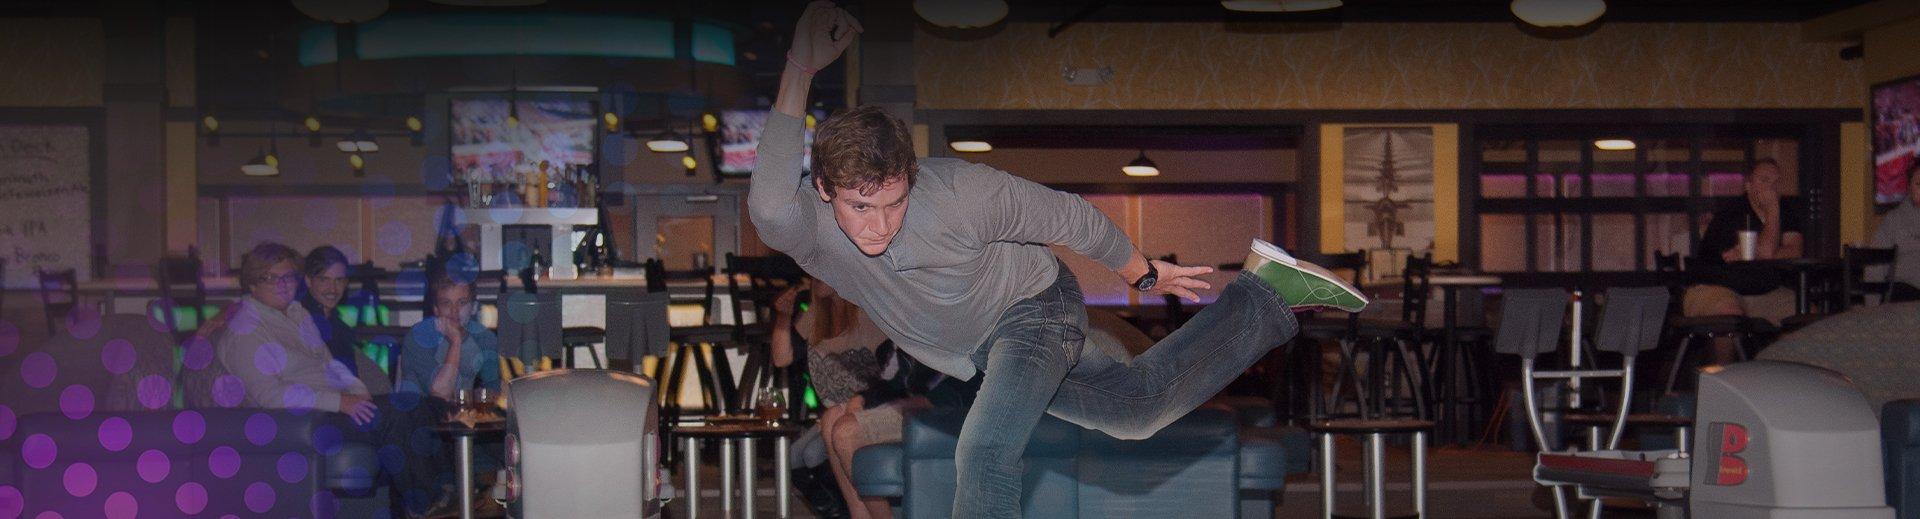 bowling-league-request